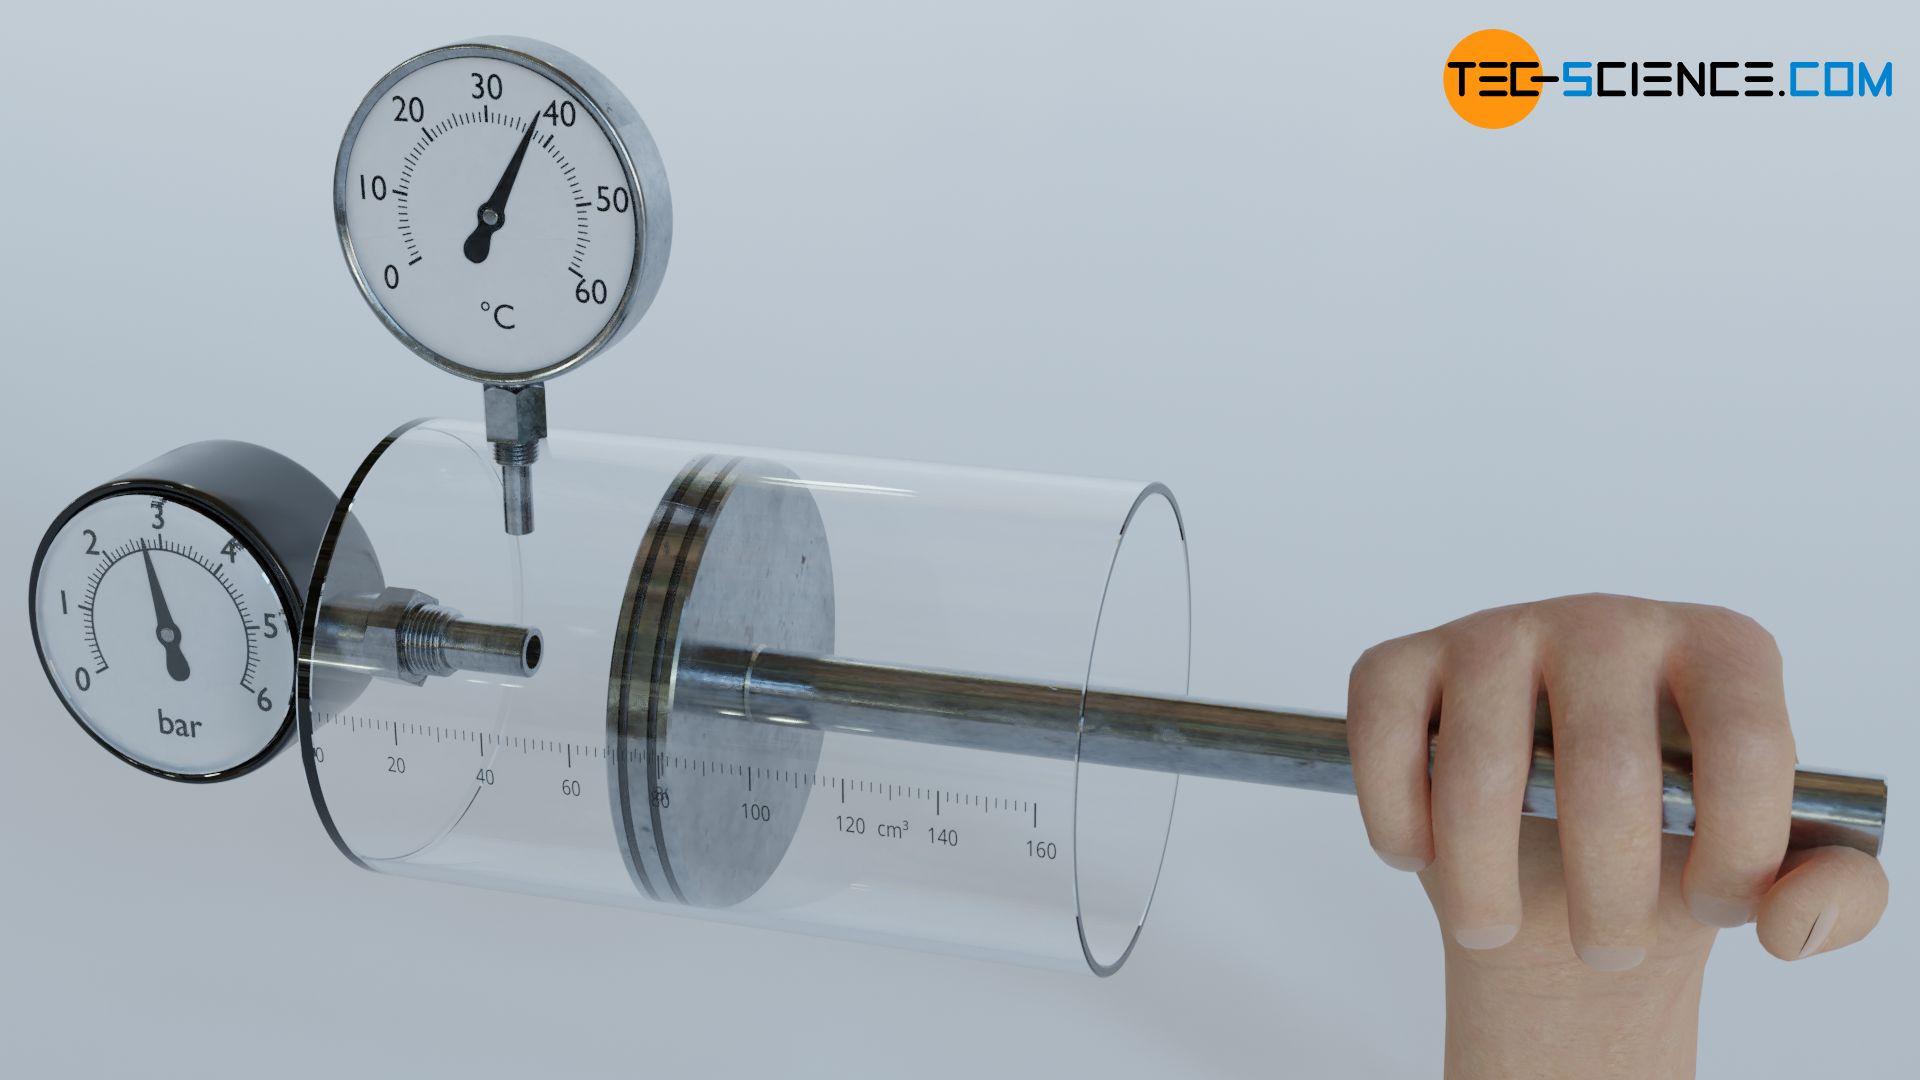 Kompression eines Gases in einem Zylinder